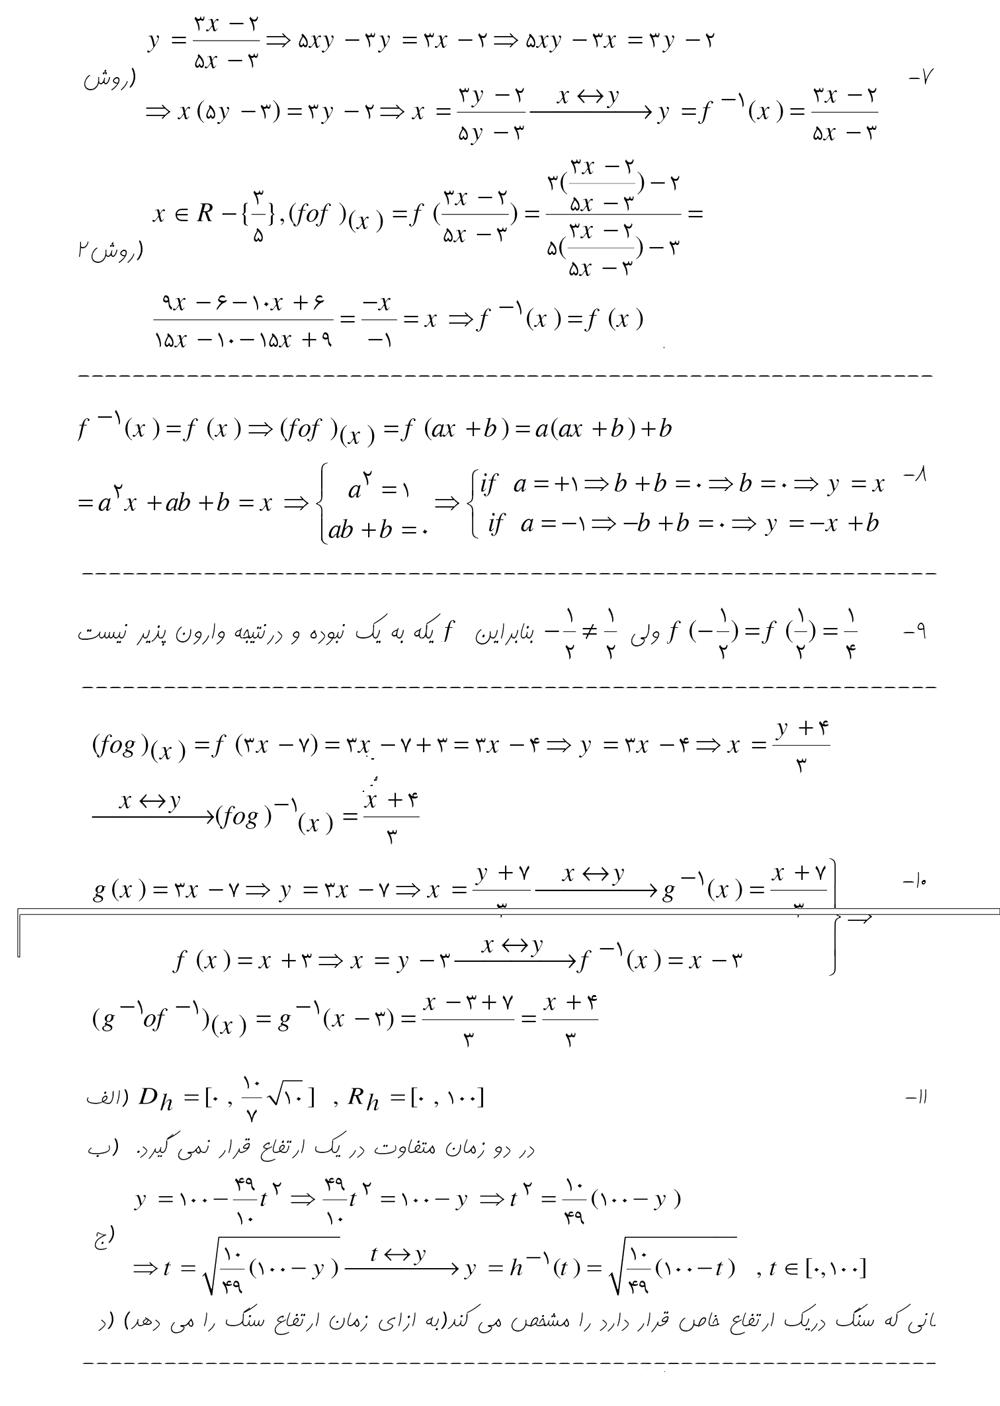 ادامه حل مسائل صفحه 94  فصل دوم حسابان سال سوم دبیرستان